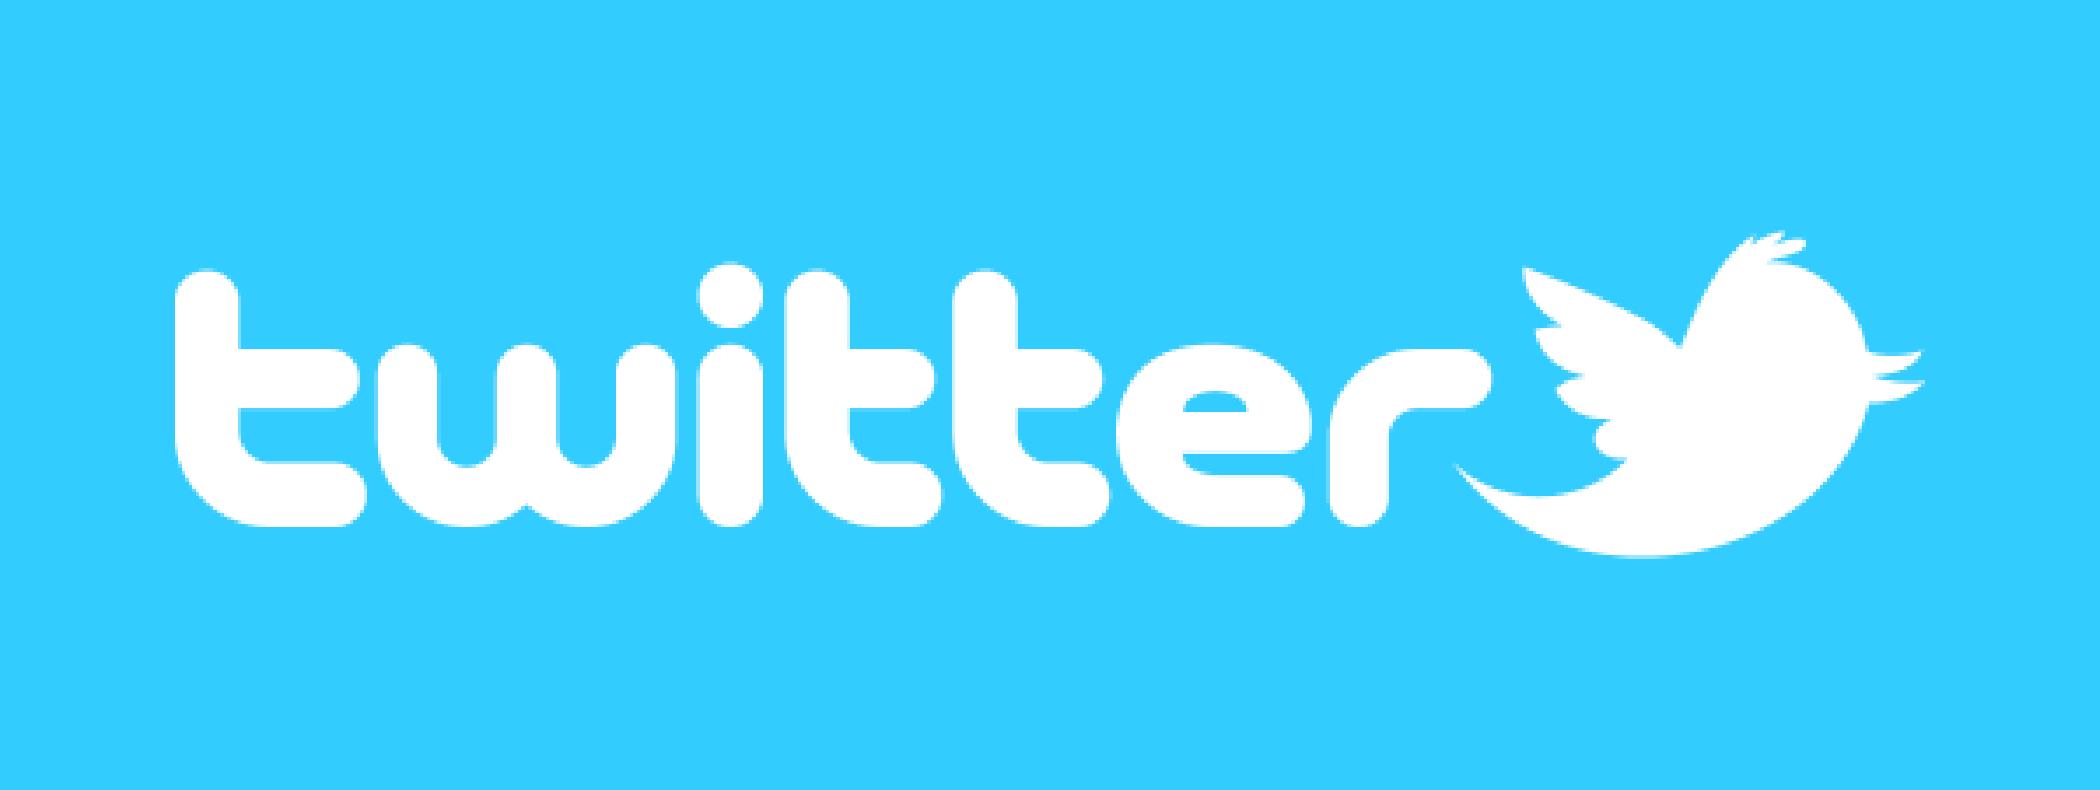 Twitter Logo Hd Png 06.jpg - گسترش کسب کار اینترنتی روش های شبکه های اجتماعی–قسمت دوم